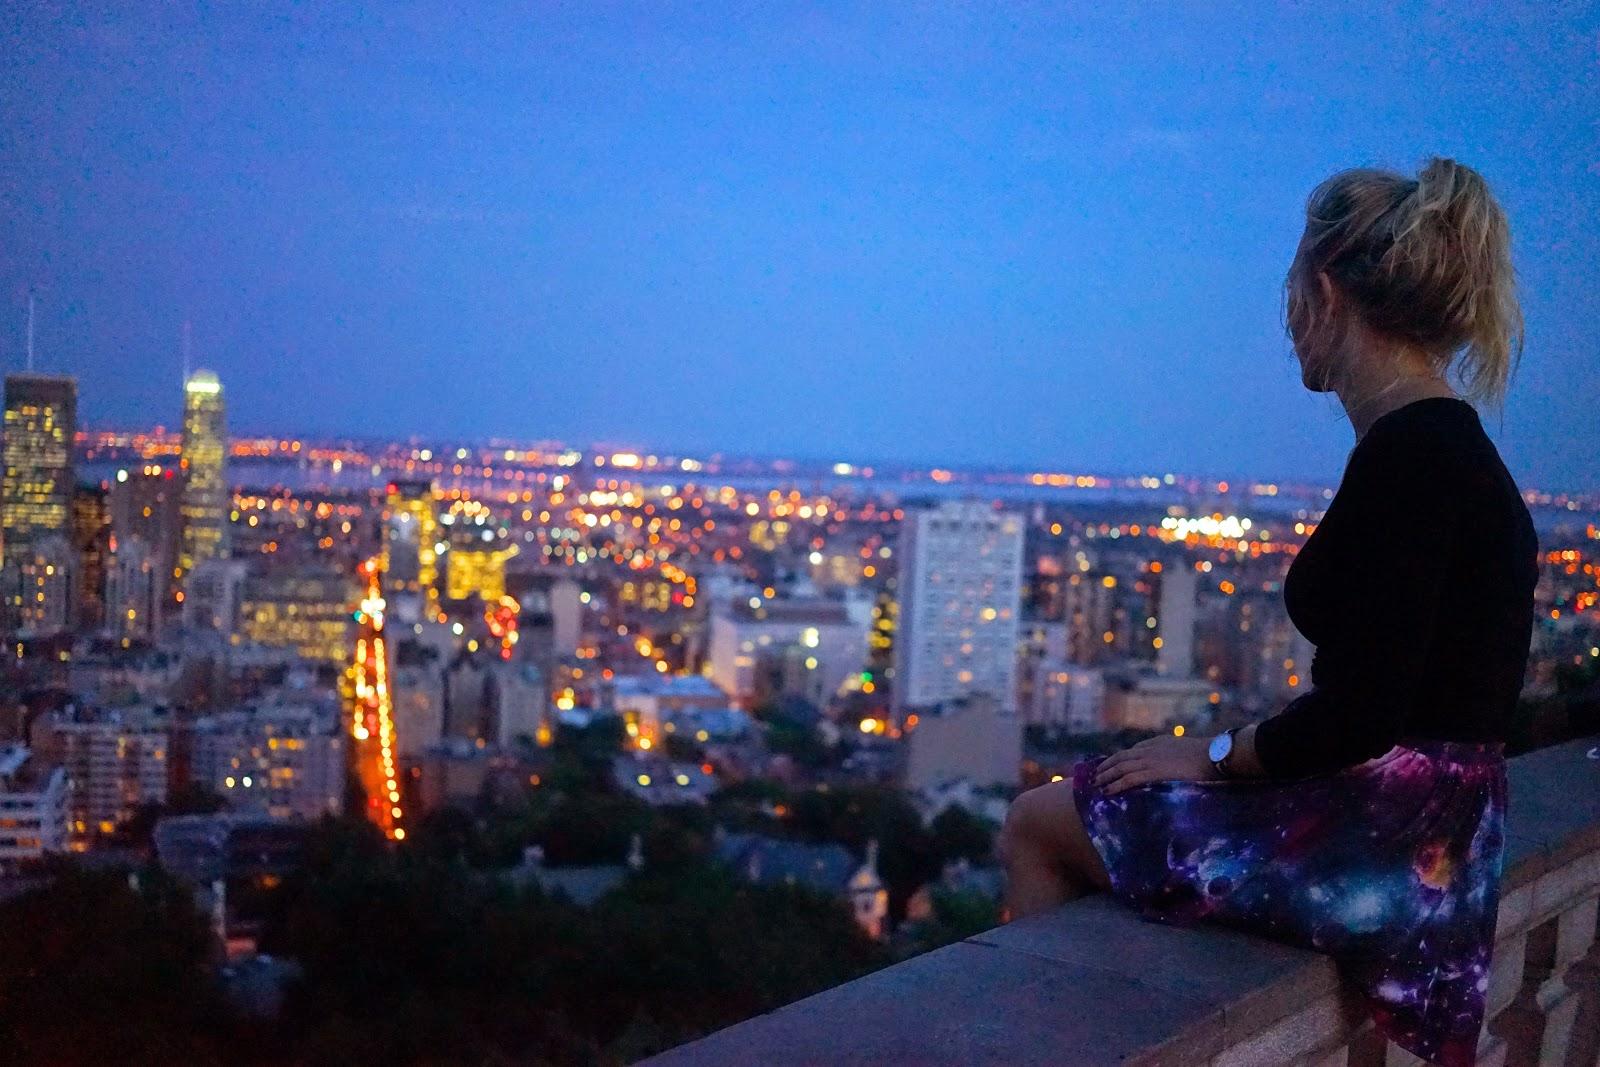 mont royal at night montreal